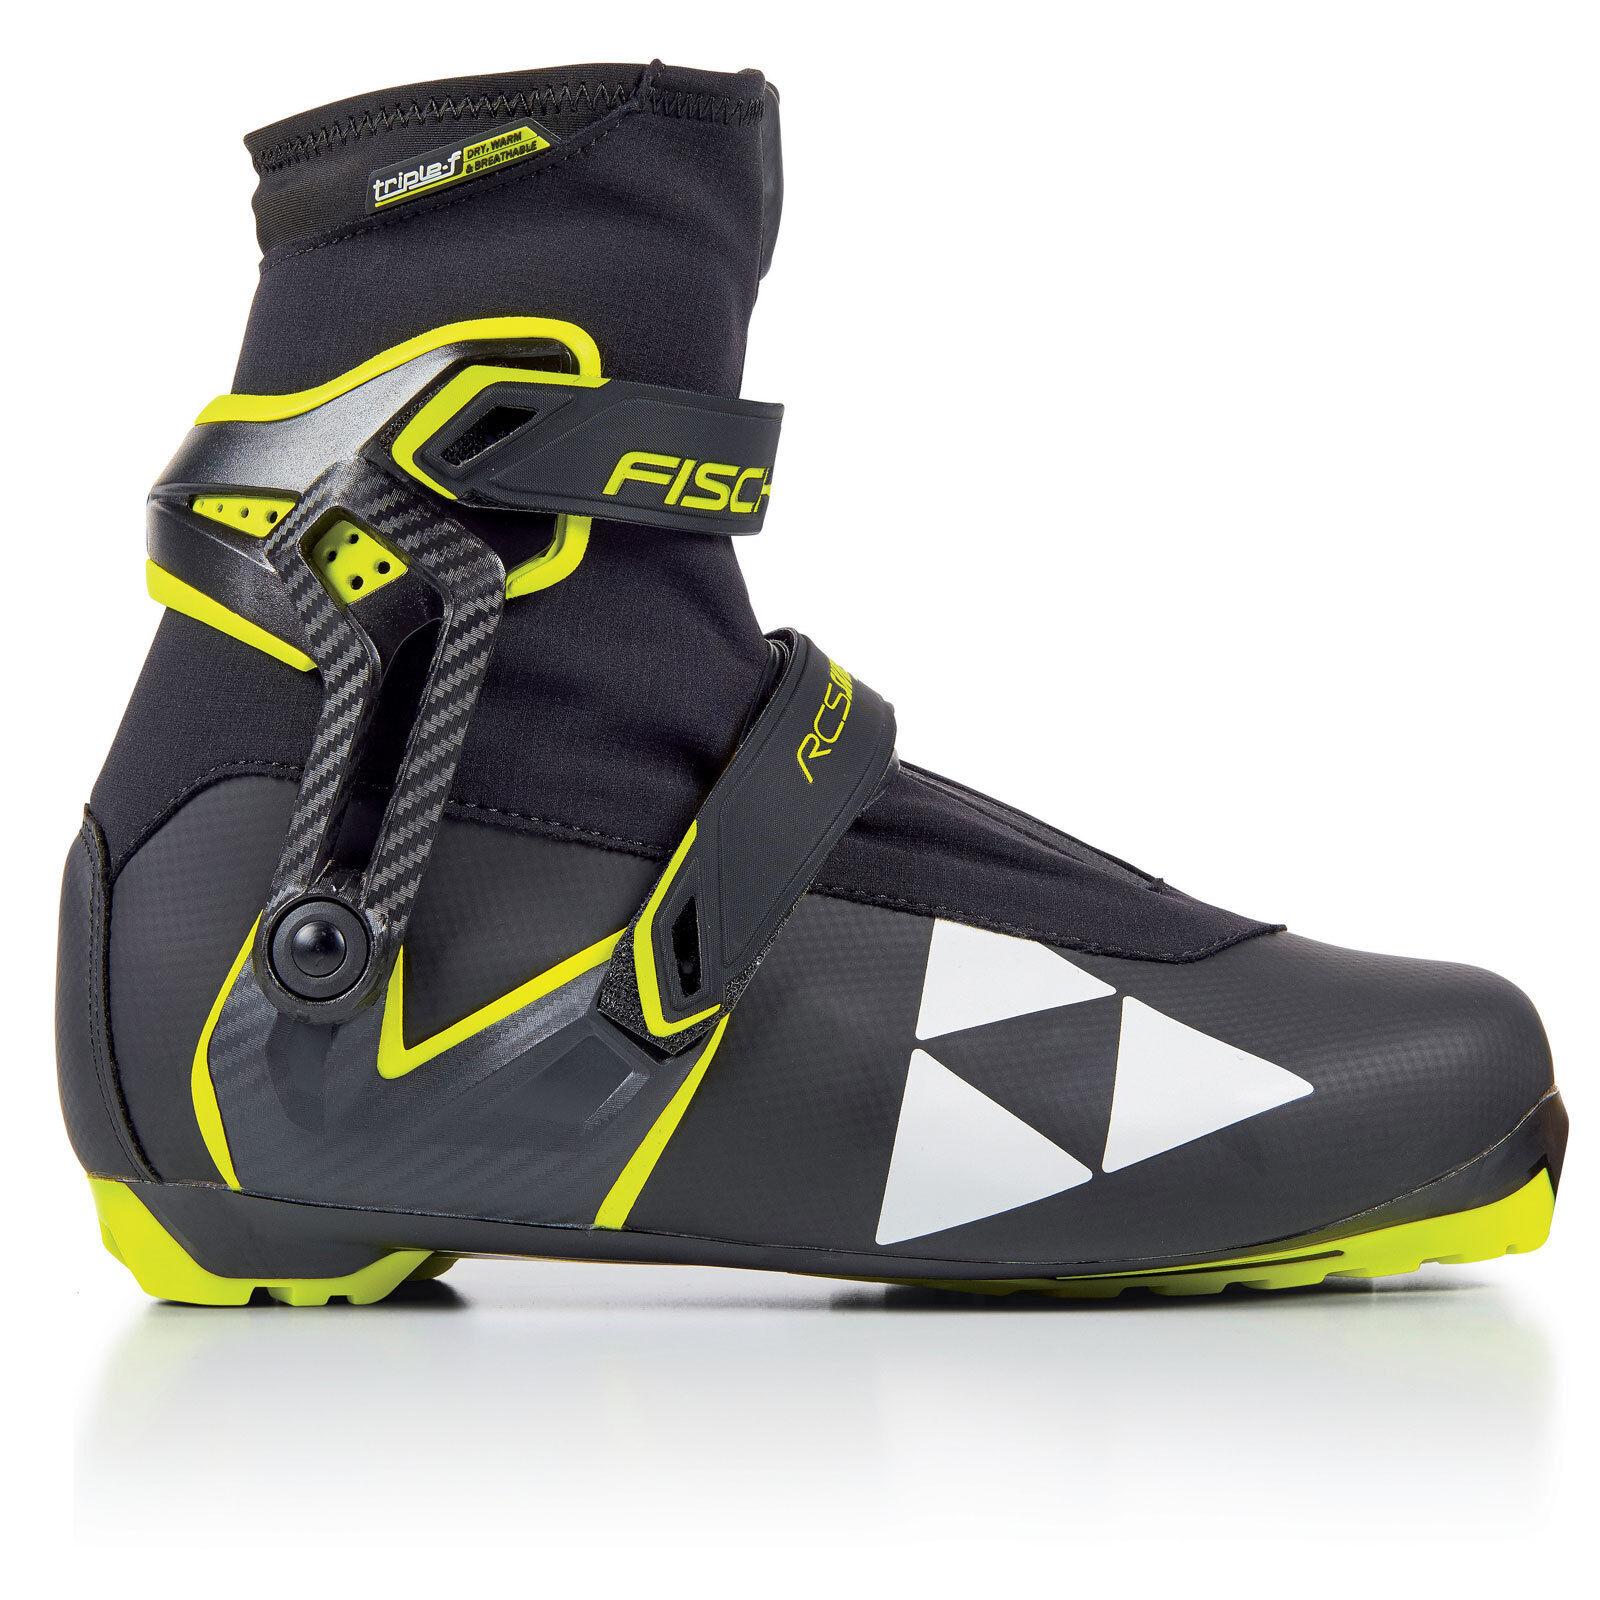 Fischer RCS Skate Damen | Herren Langlaufschuhe Langlaufschuhe Langlaufschuhe Langlauf Schuhe NNN Stiefel b71577